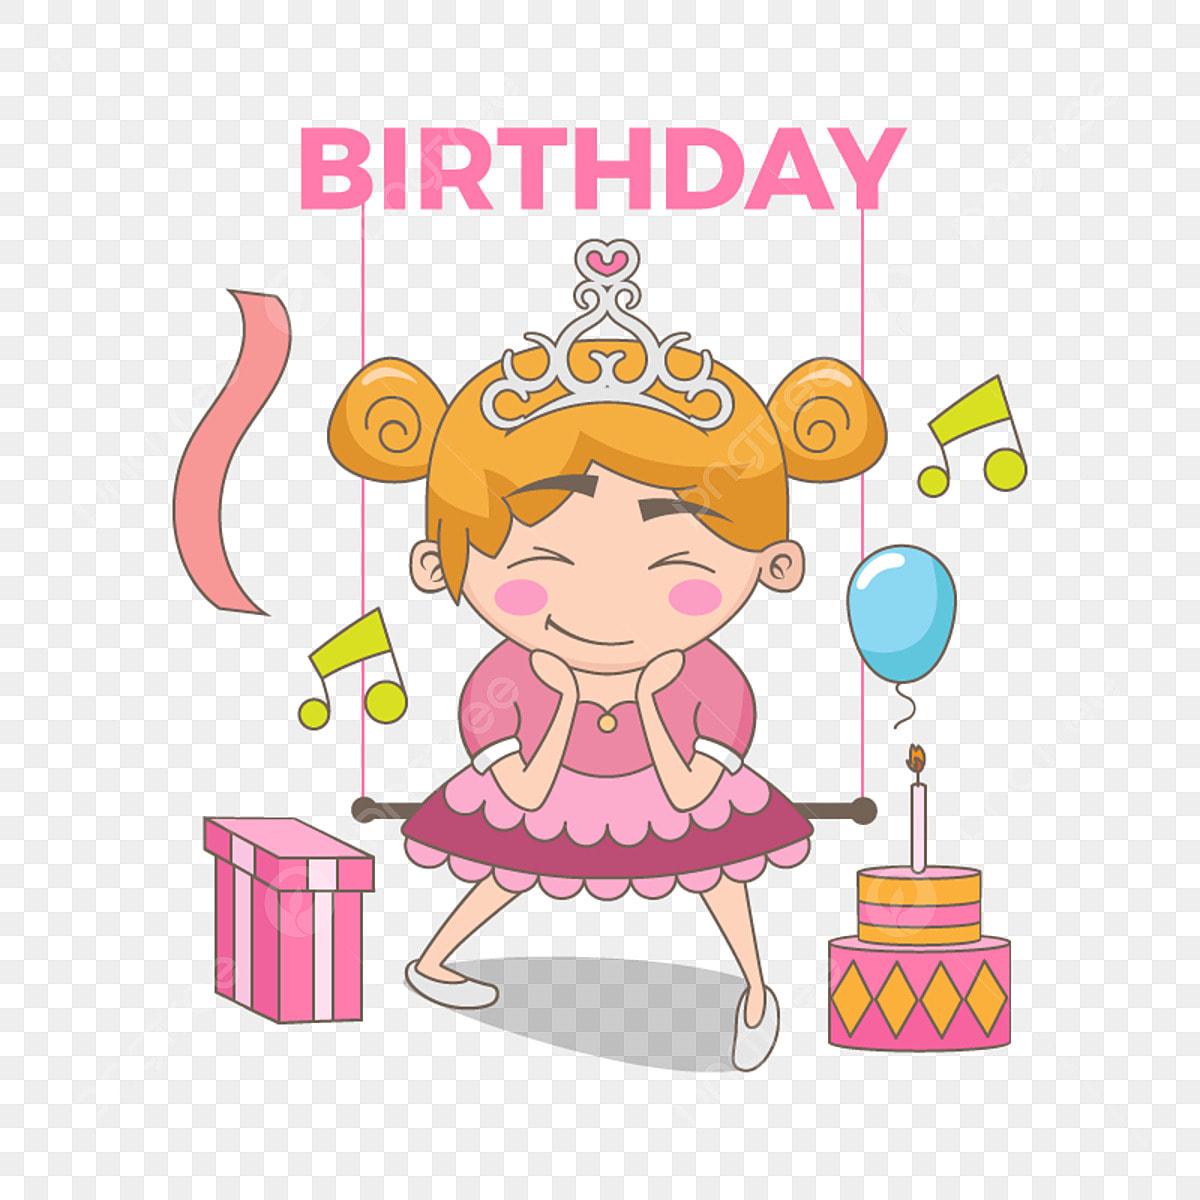 美しい王女の誕生日イラスト 誕生日プリンセスハッピーカードを背景に